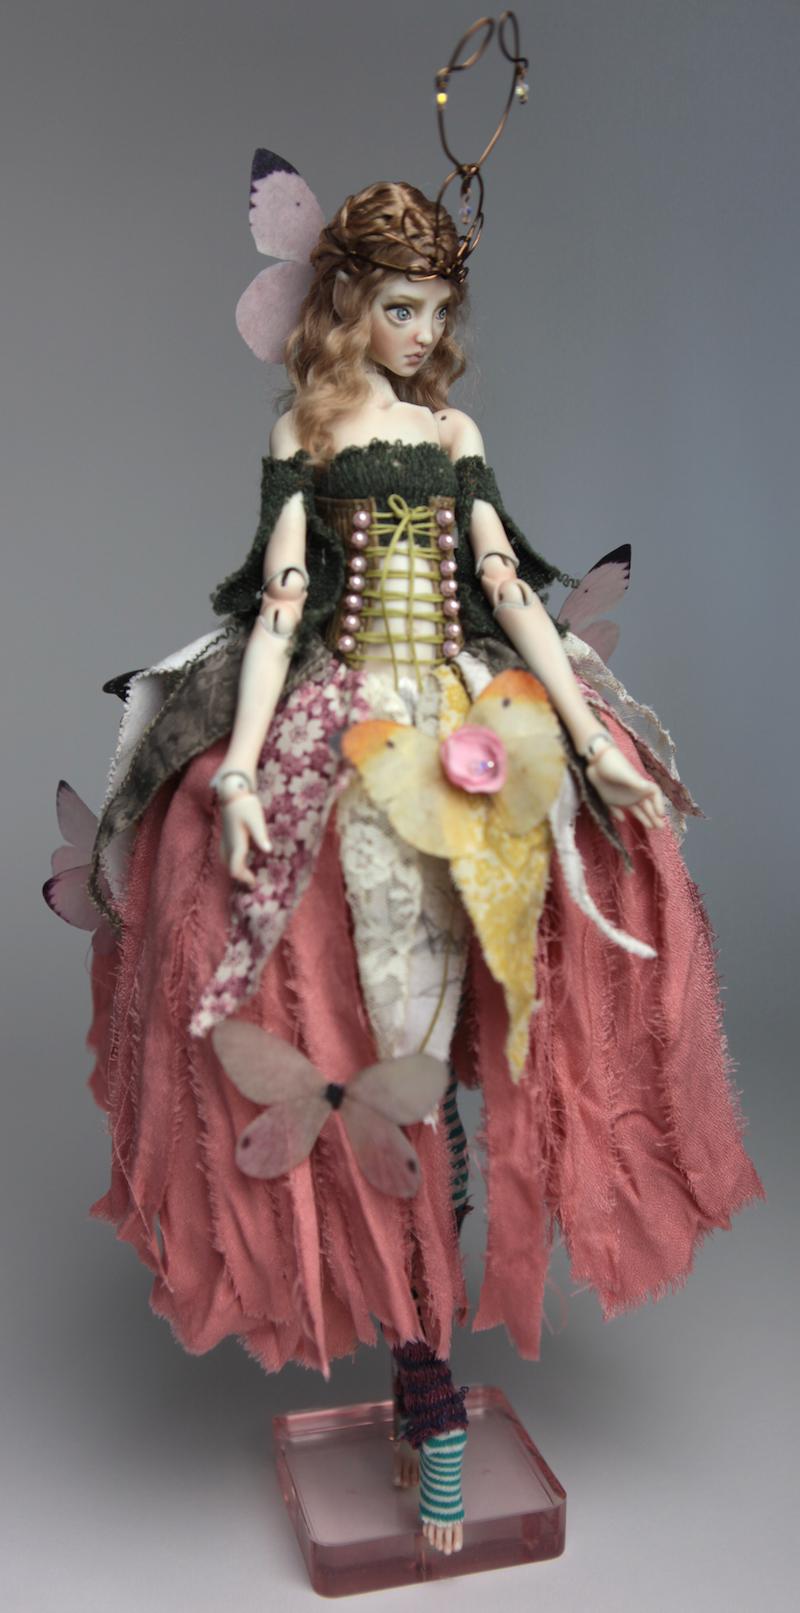 BJD Doll Ball Jointed Fairy Ova Sphinx 2018 12 15 Porcelain BJD Fairy Doll, Sphinx